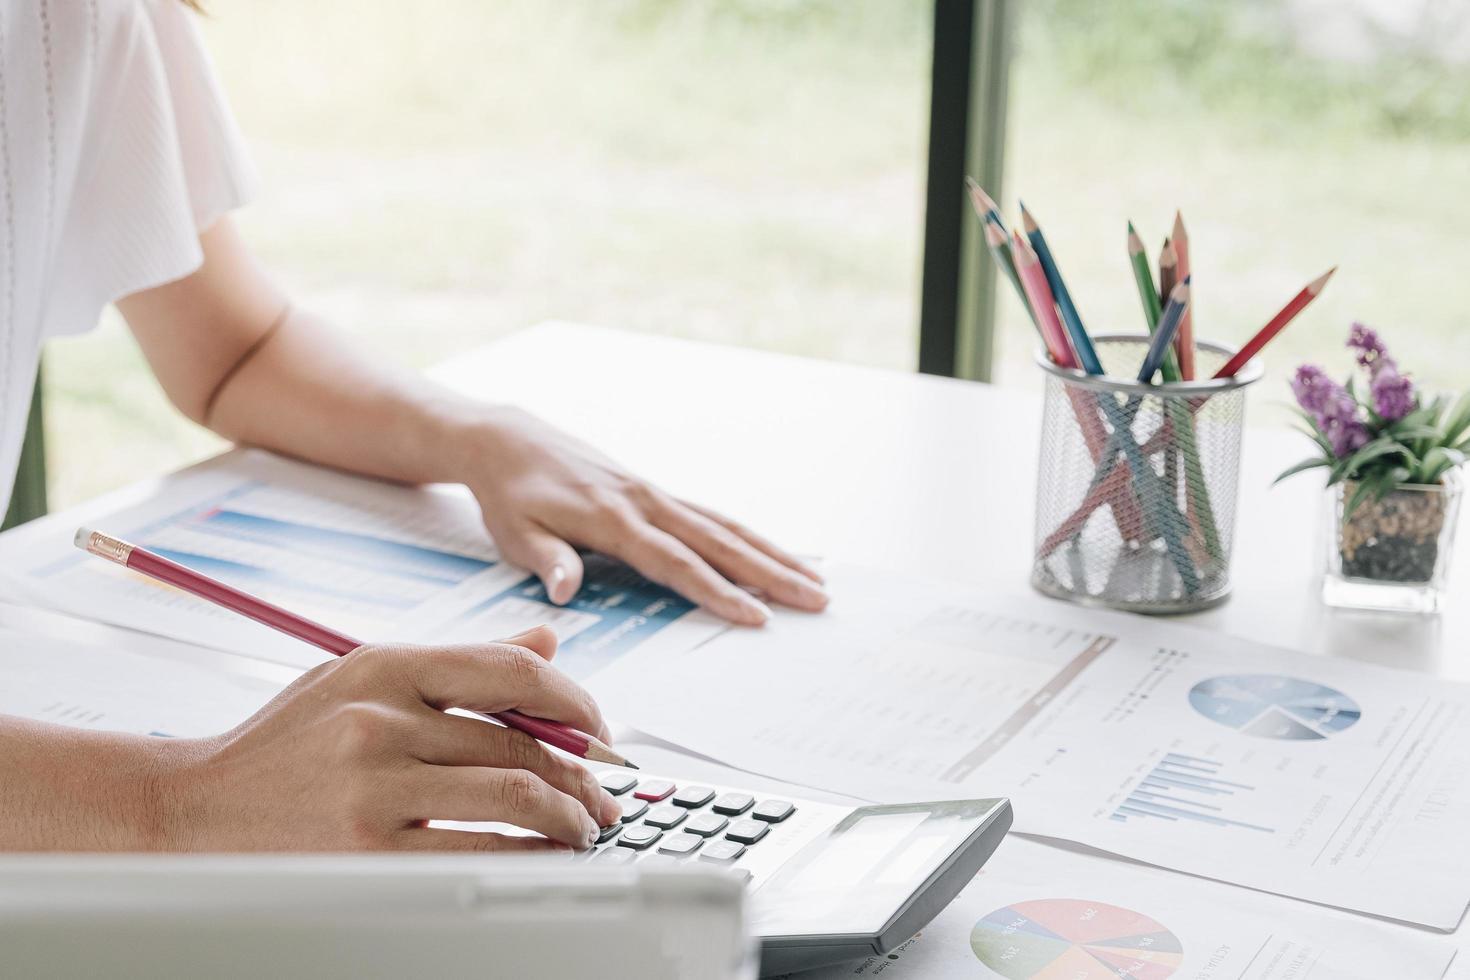 Geschäftsfrau mit Taschenrechner im Büro foto